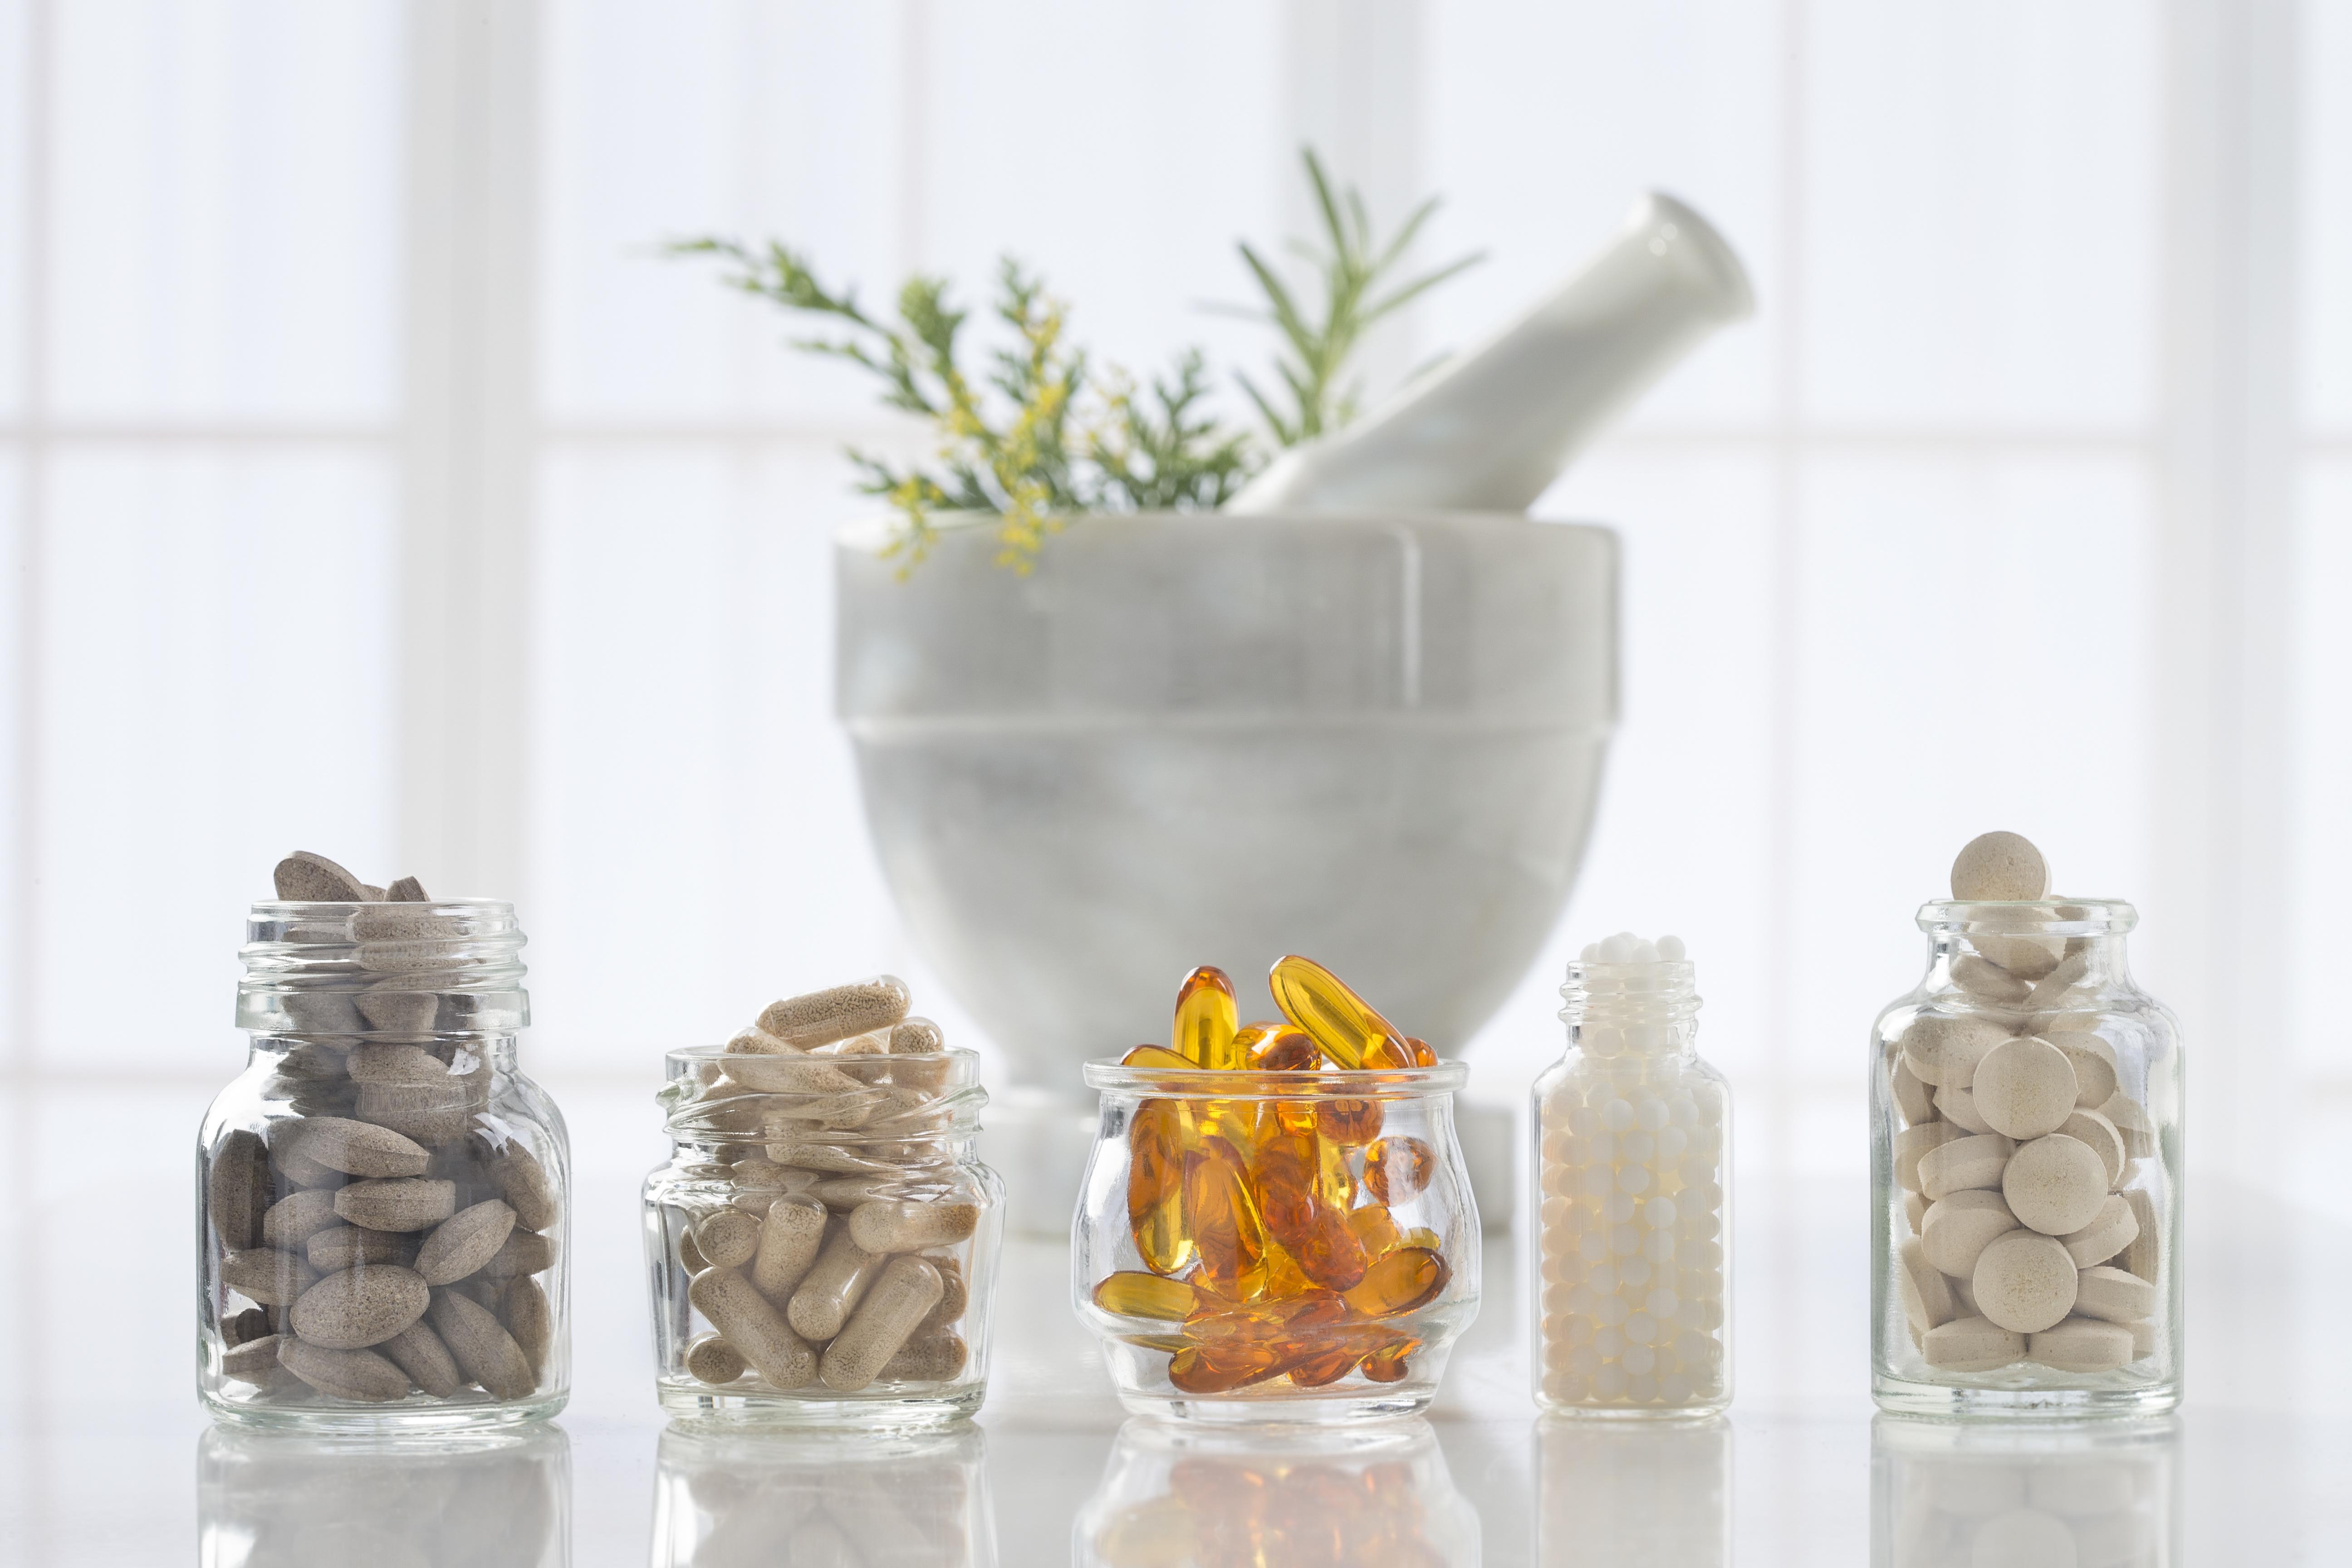 Privatarztpraxis Integrative Medizin – Mitochondriale Medizin / Mikronährstoffmedizin / Vitamin C Hochdosis Therapie in Braunschweig.